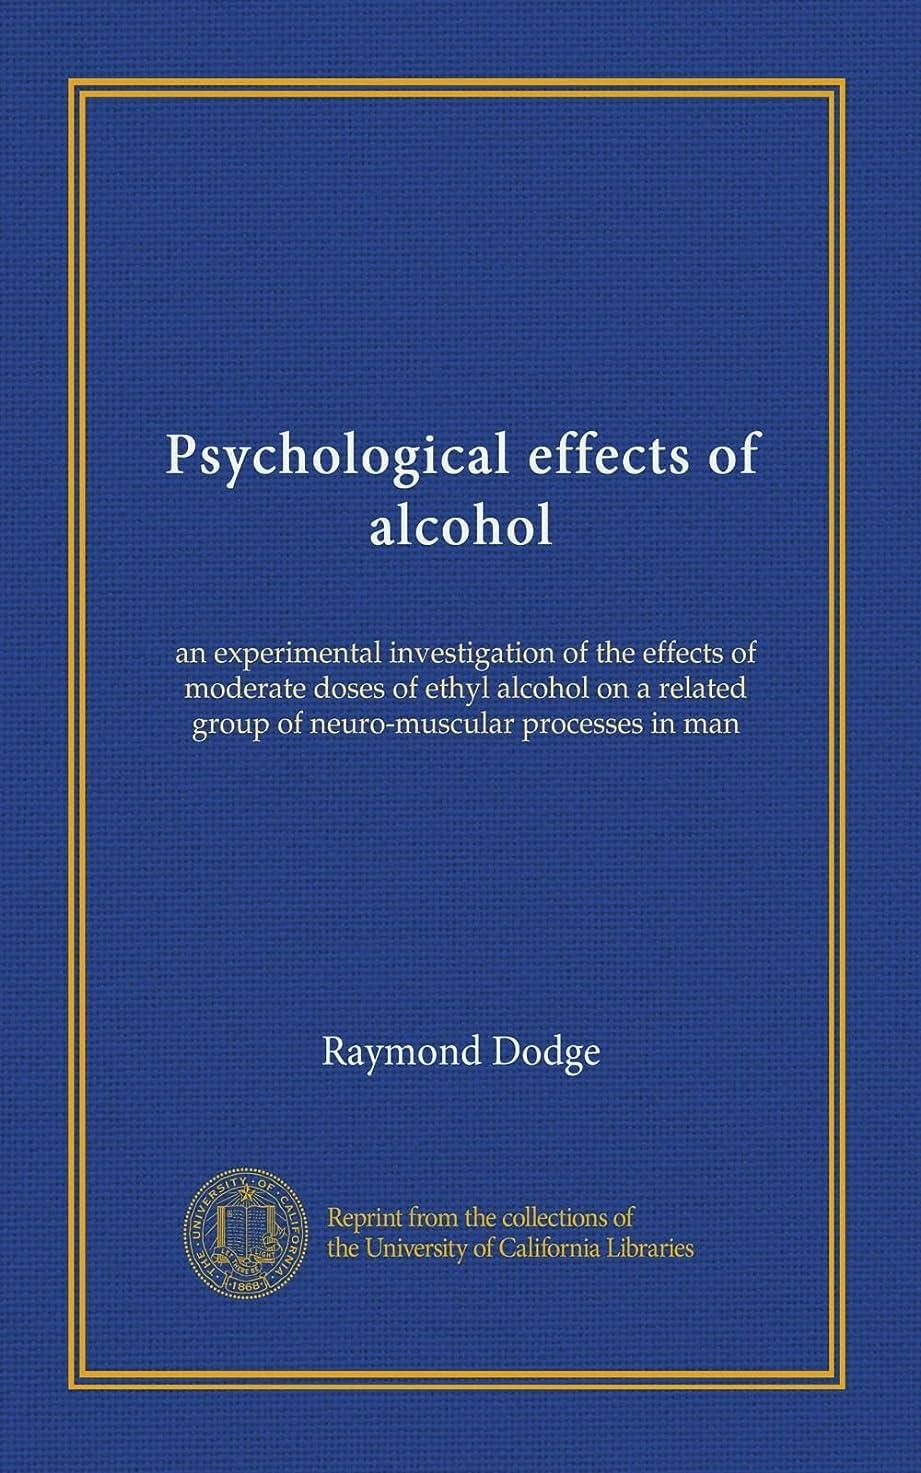 最小休暇継続中Psychological effects of alcohol: an experimental investigation of the effects of moderate doses of ethyl alcohol on a related group of neuro-muscular processes in man